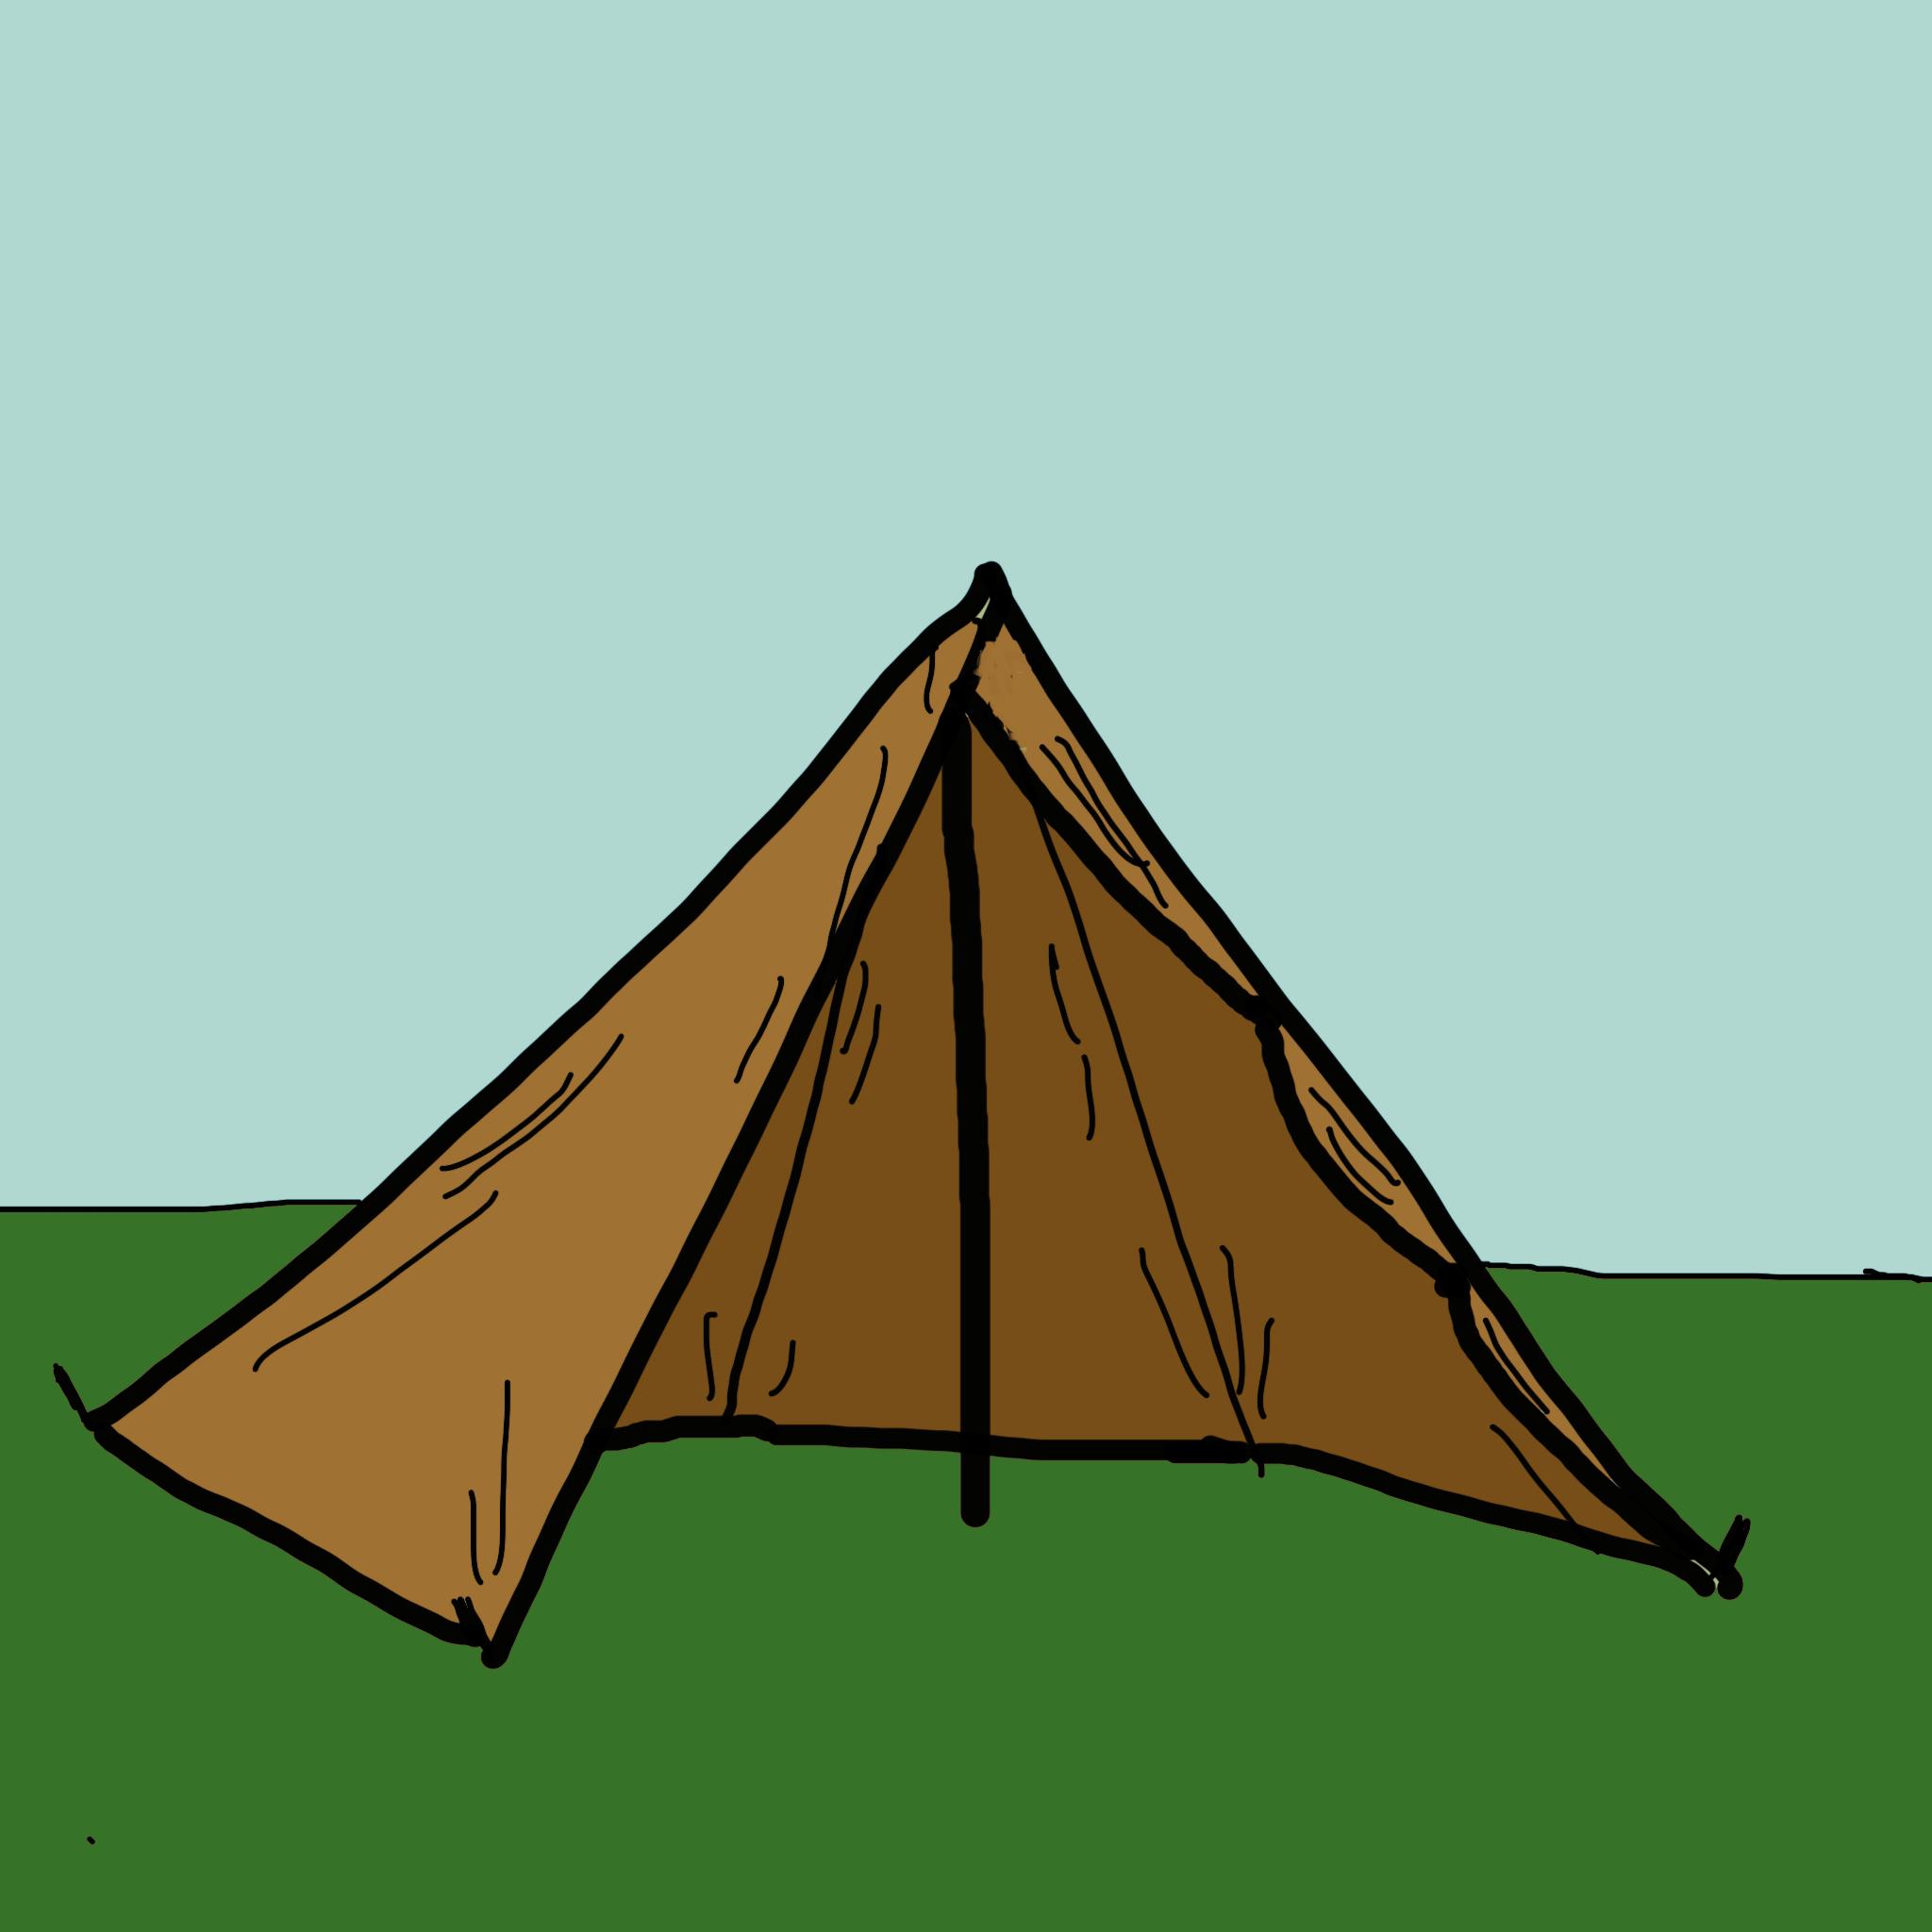 テント・タープ